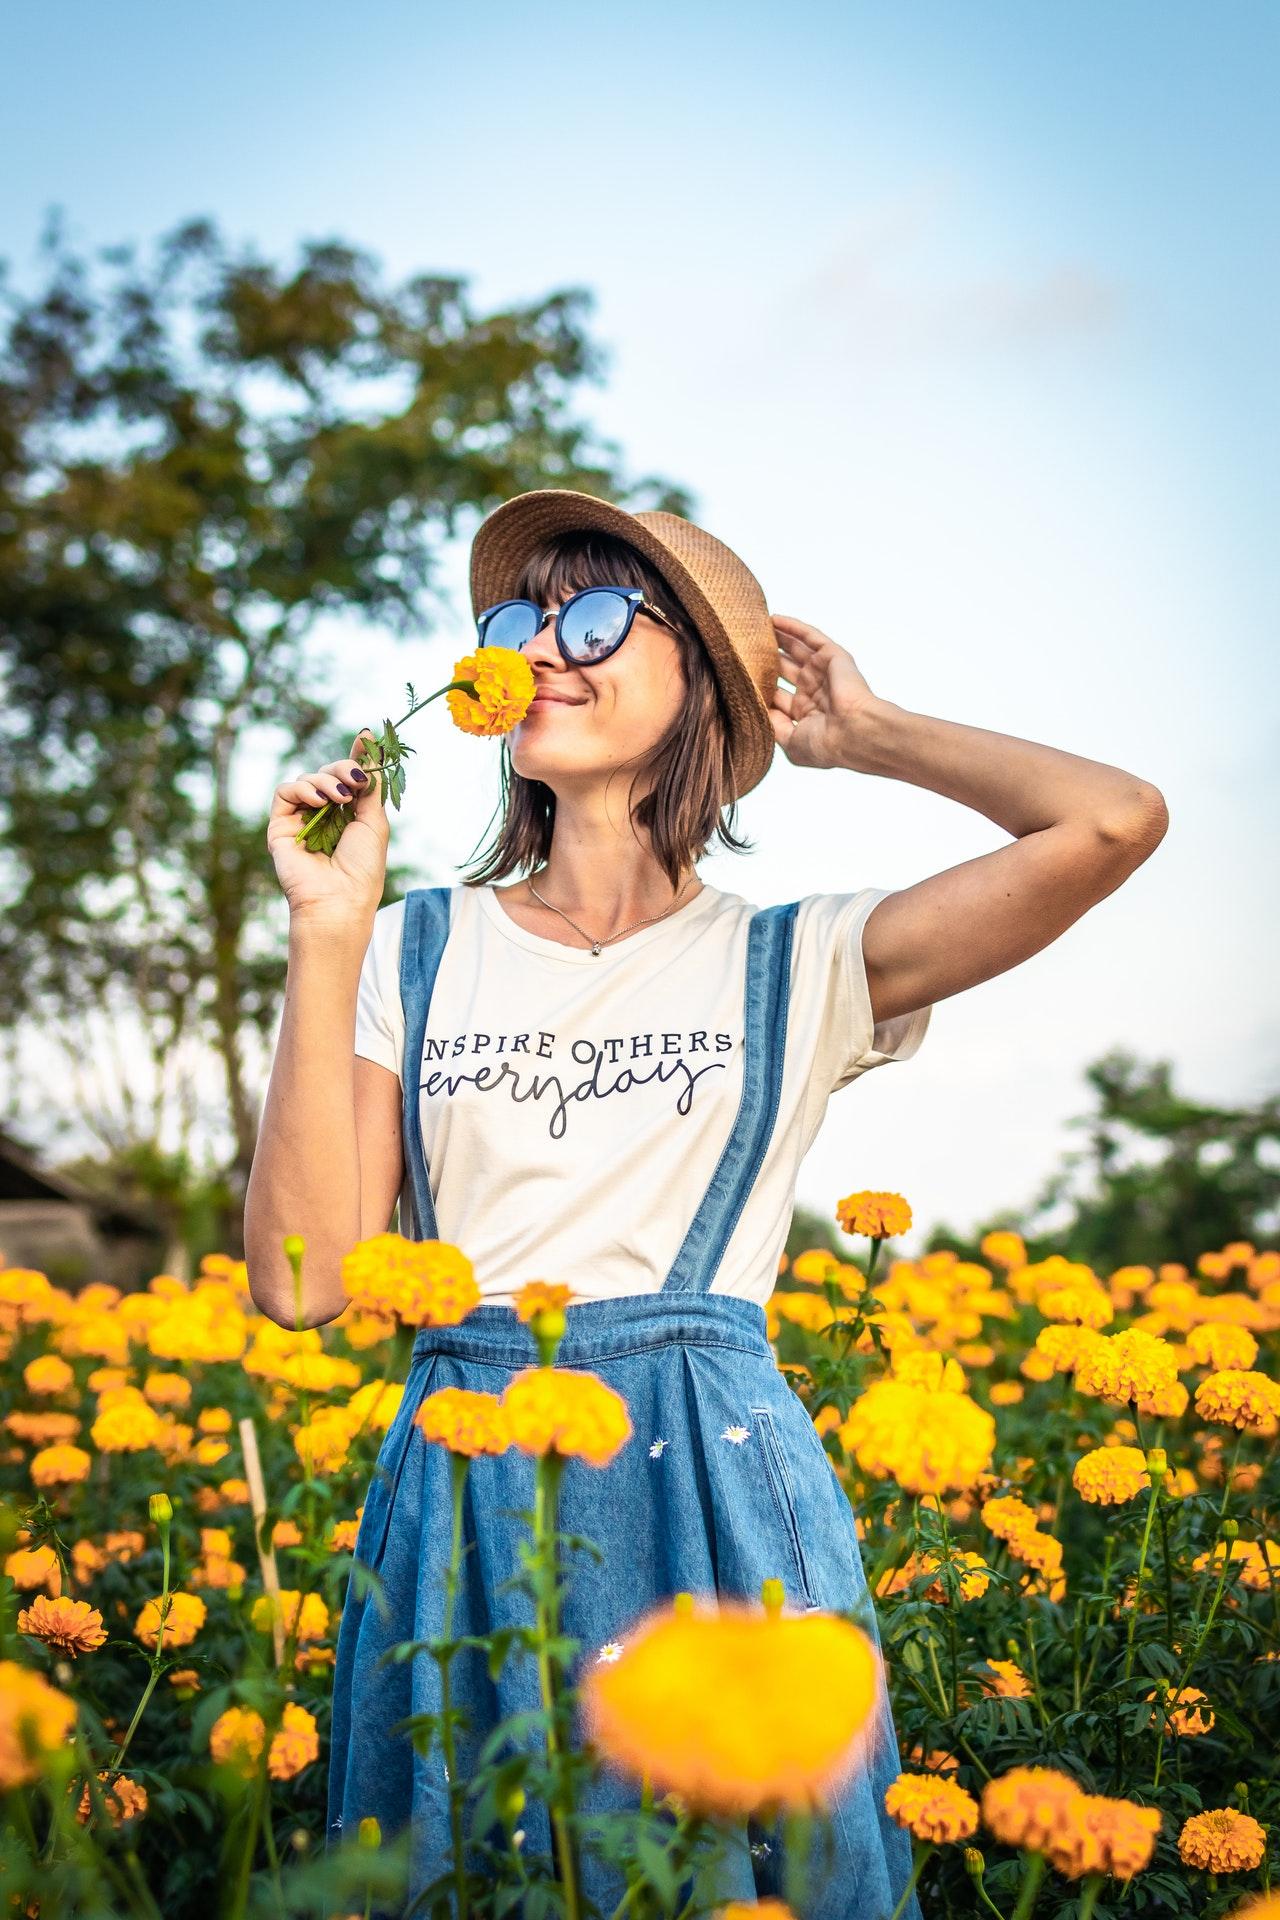 Smelling marigolds